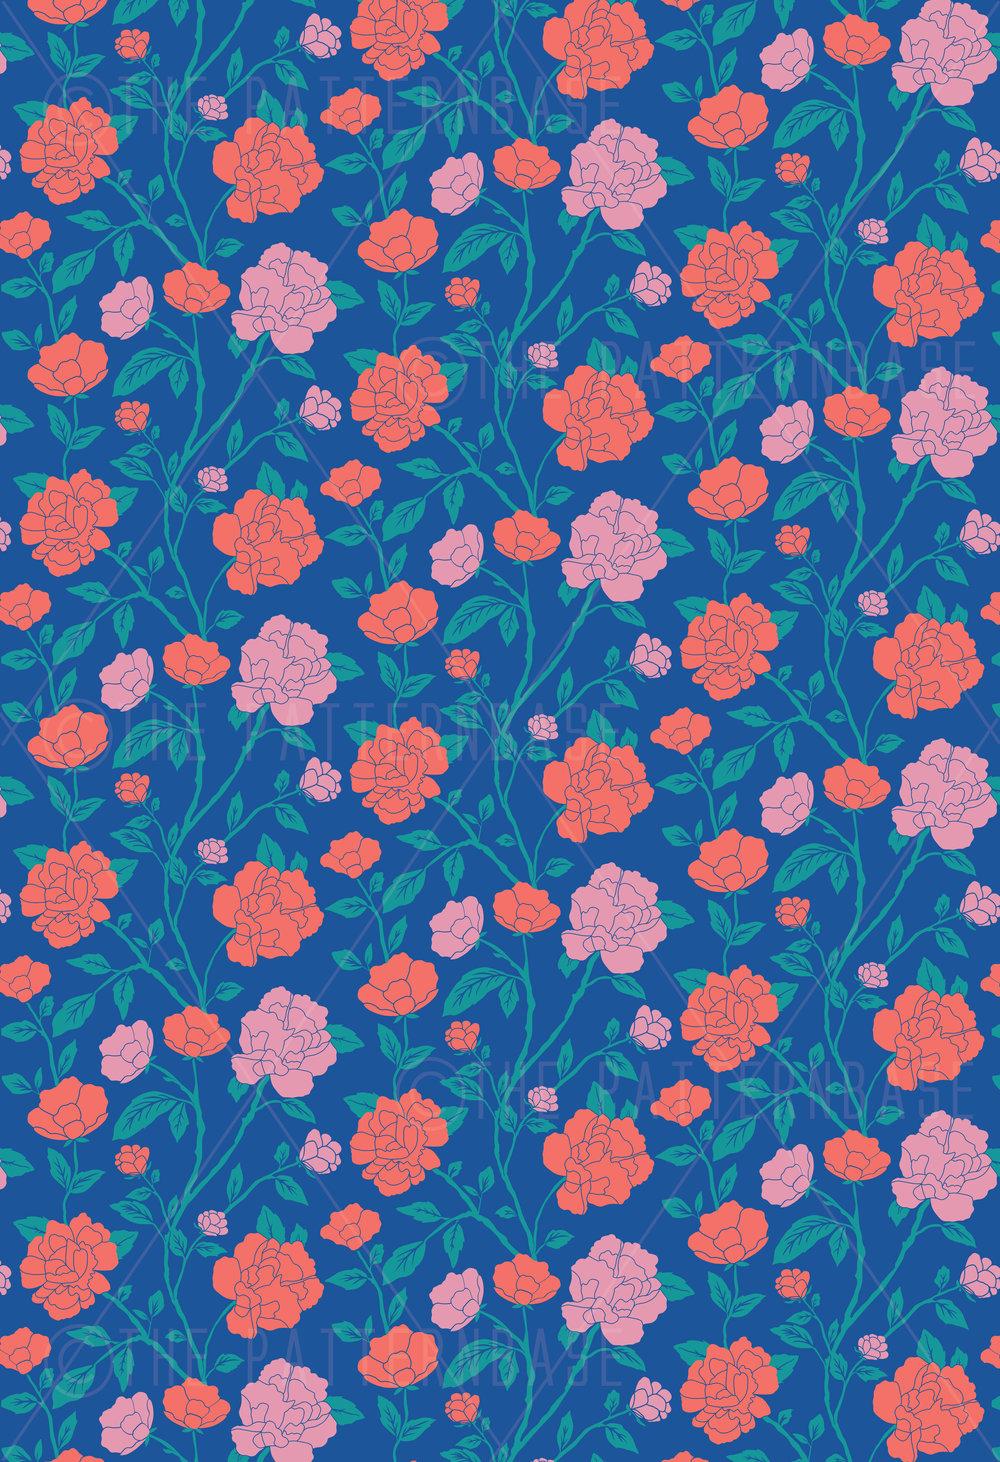 patternbase-rosie-wm.jpg